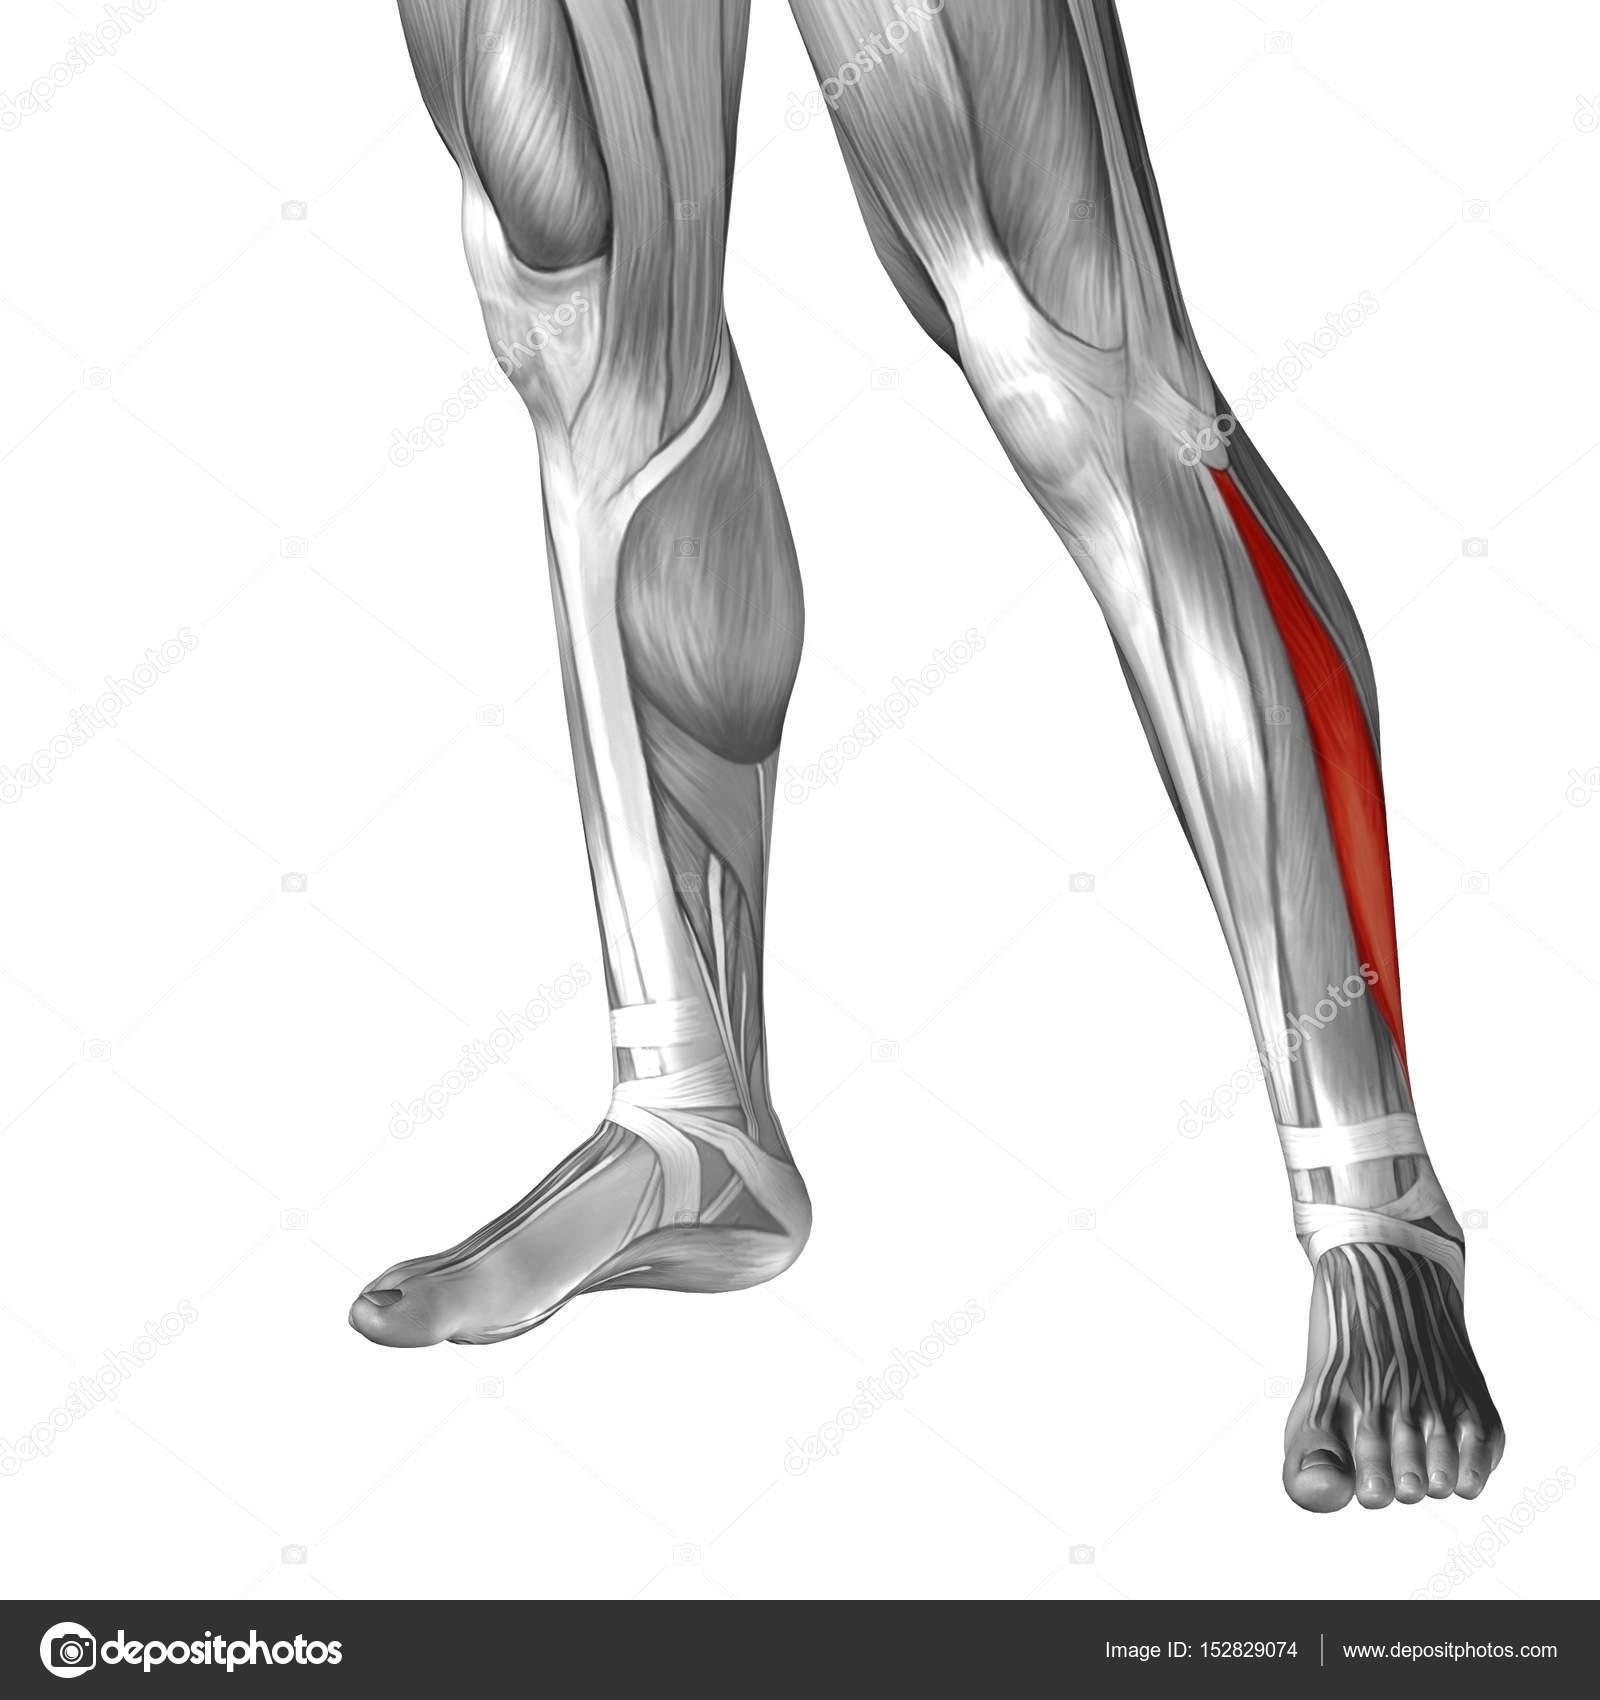 Anatomie der unteren Beine — Stockfoto © design36 #152829074